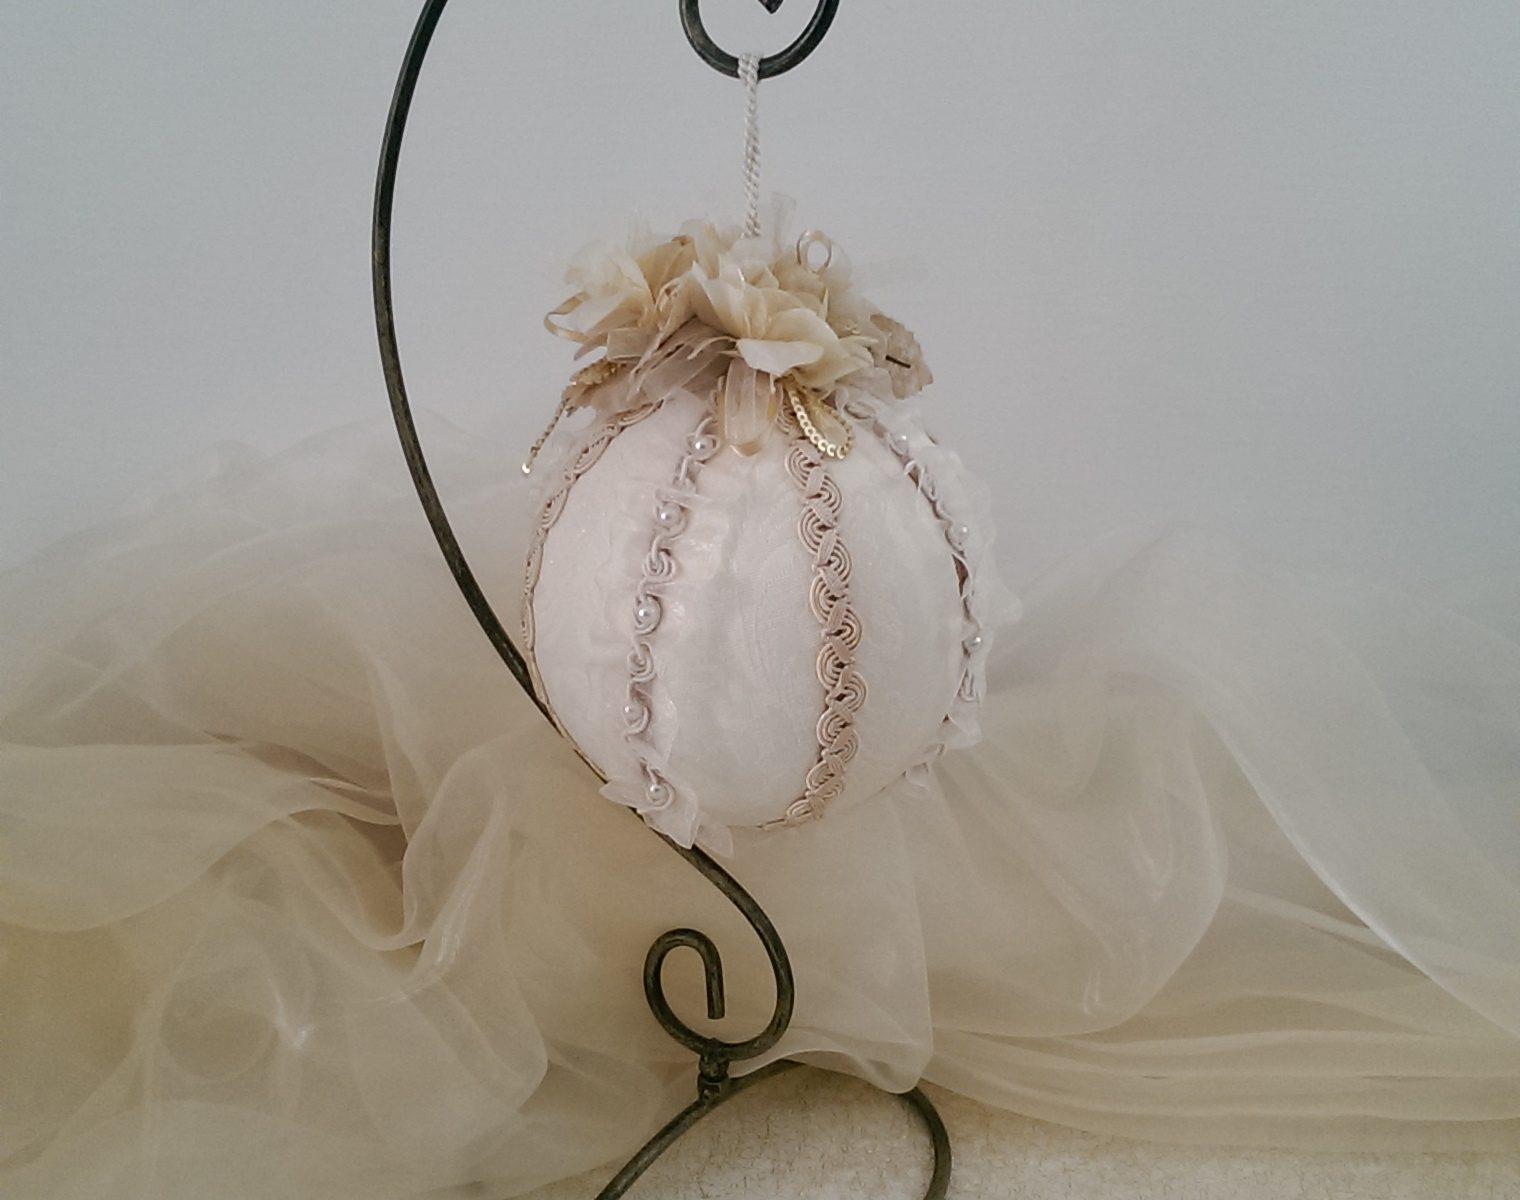 pallina di natale decorata